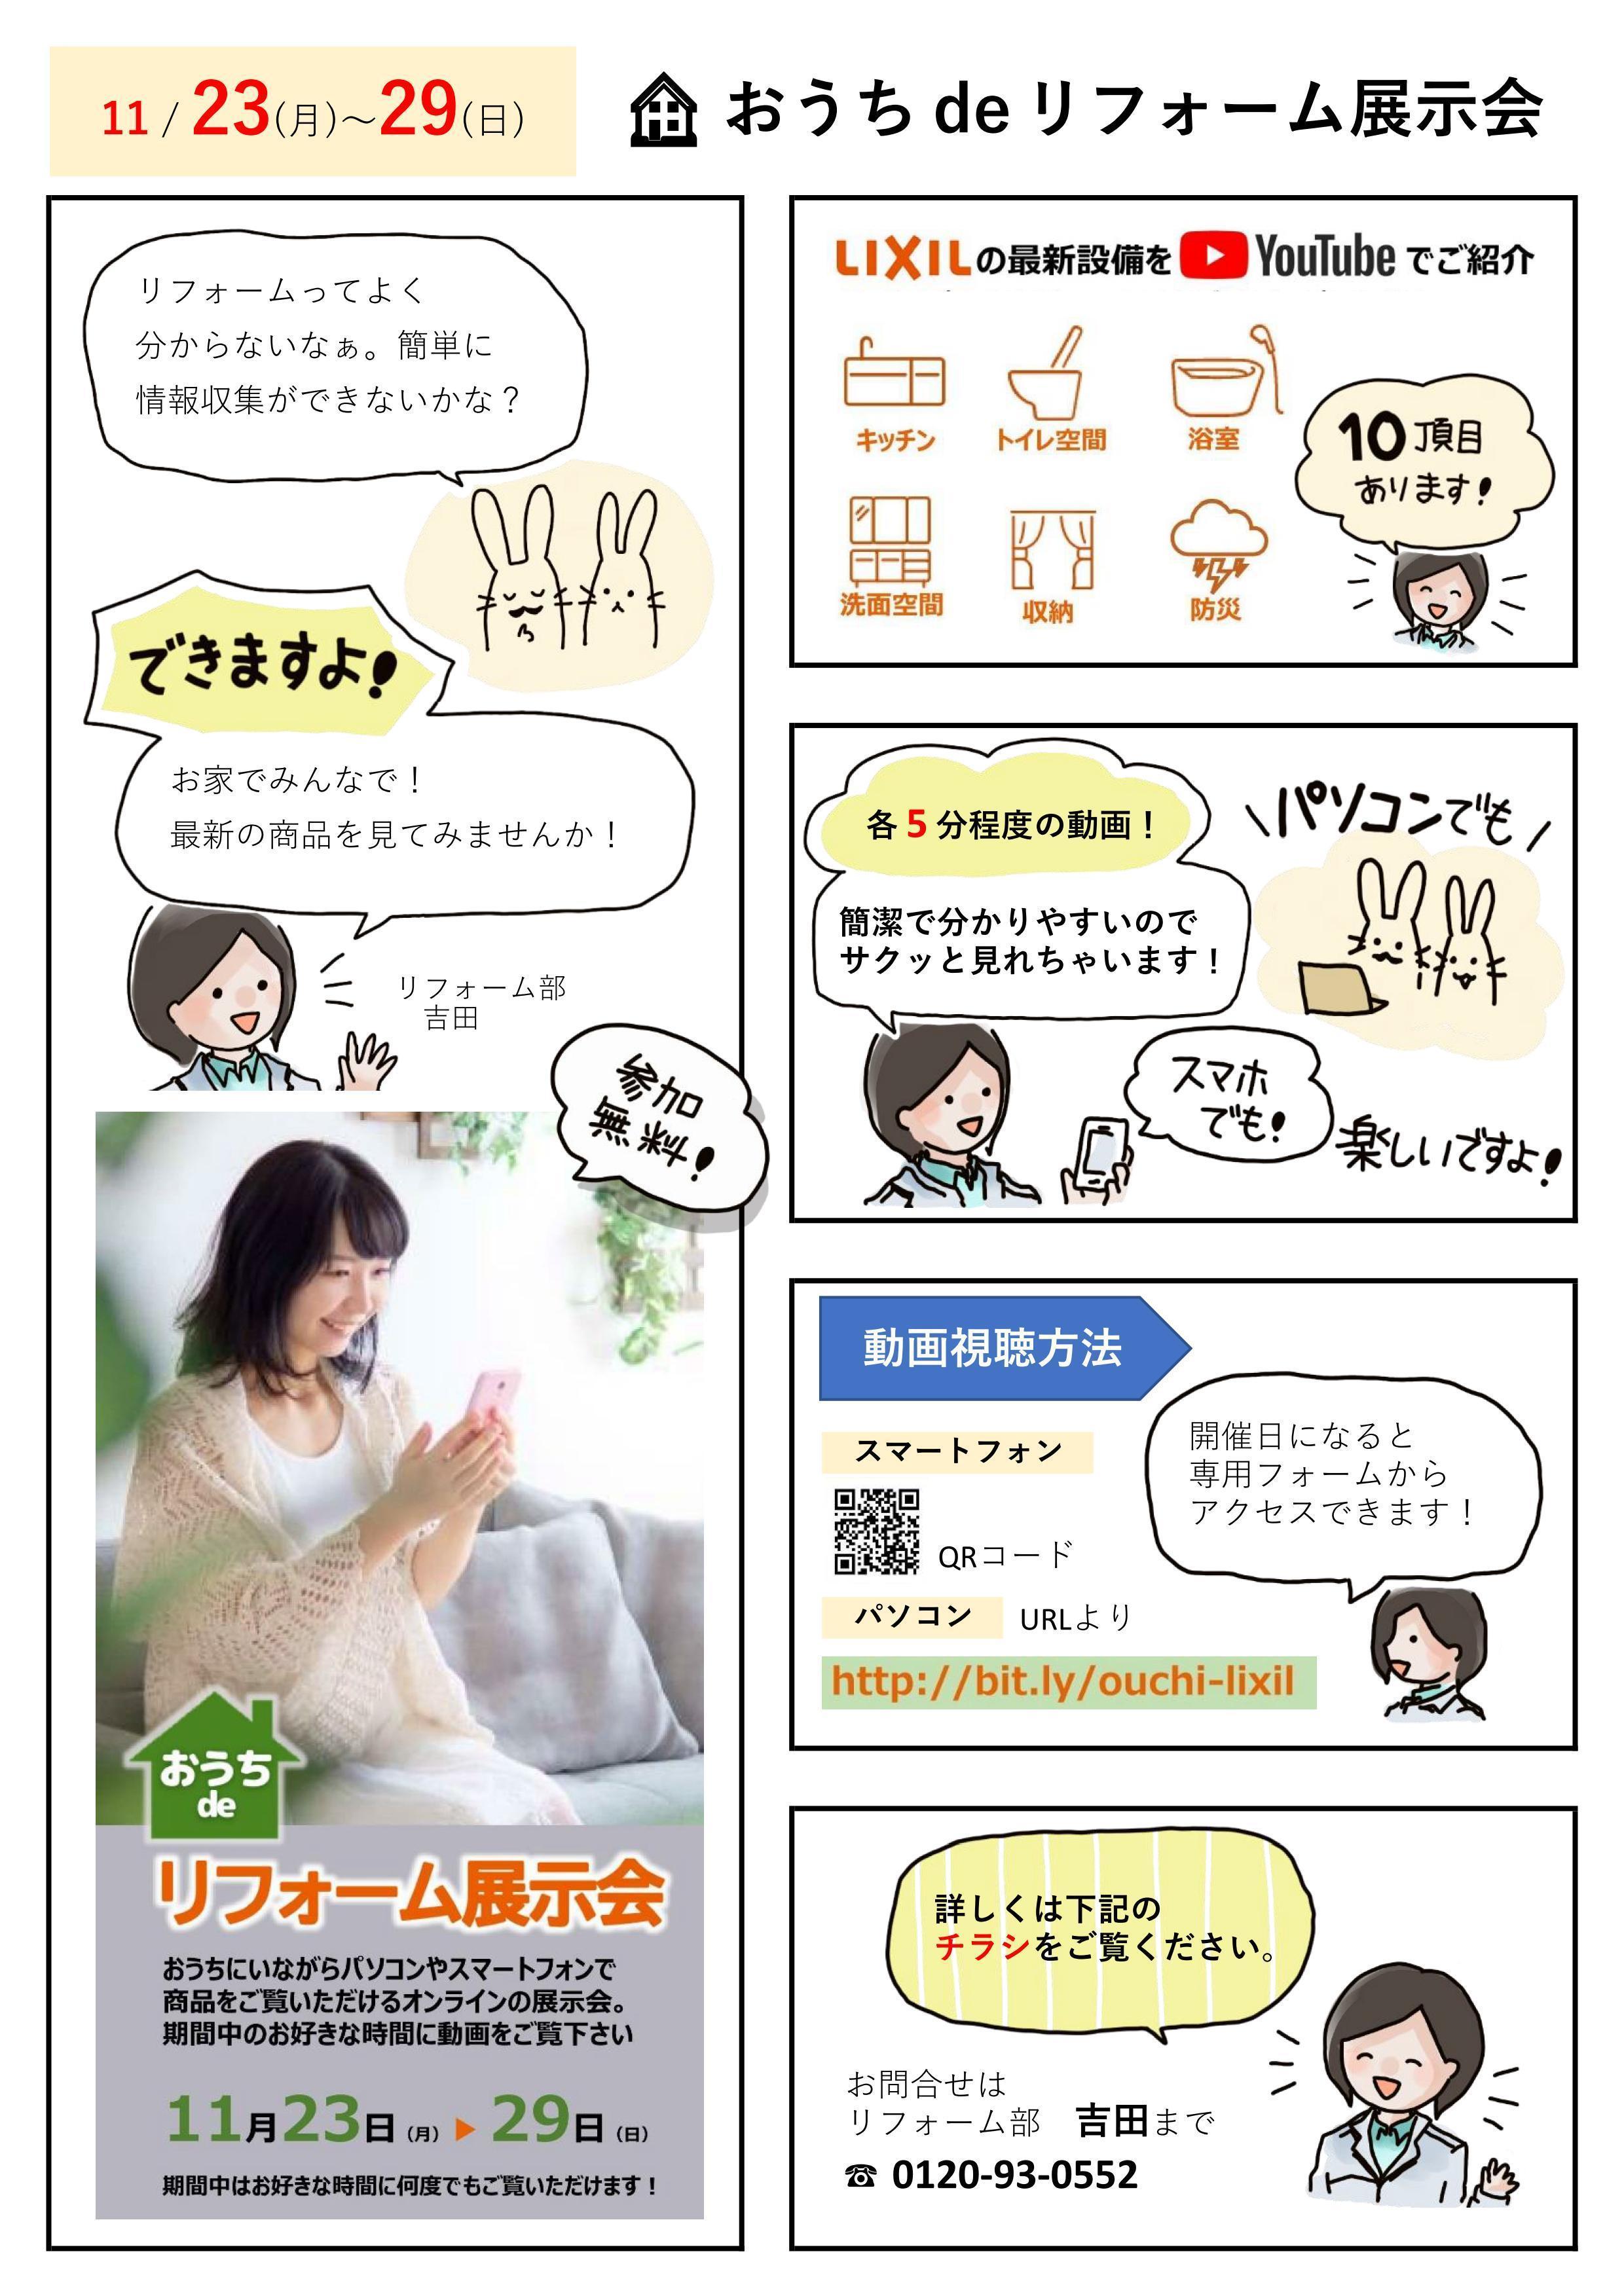 11.23-29 おうちdeリフォーム展示会案内_02.jpg